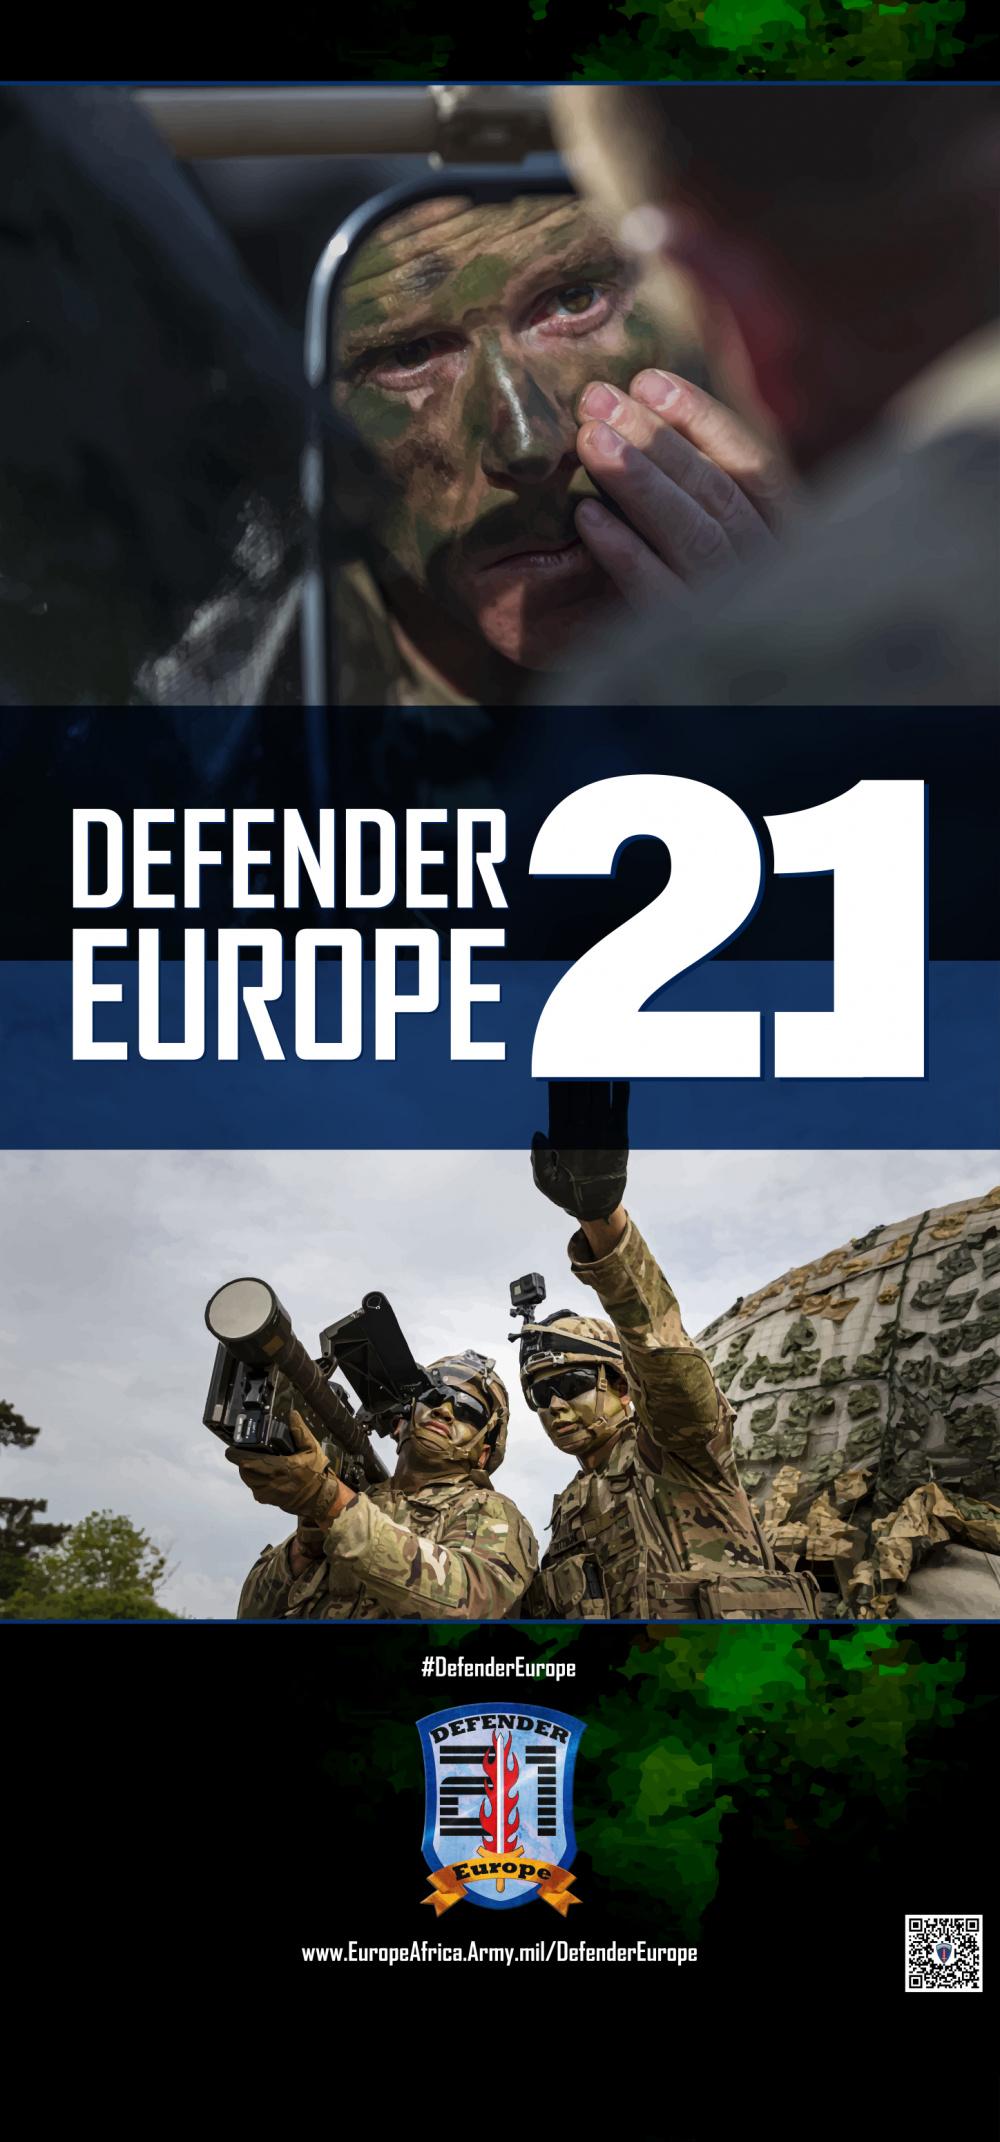 DEFENDER-Europe 21 life-size pop-up poster